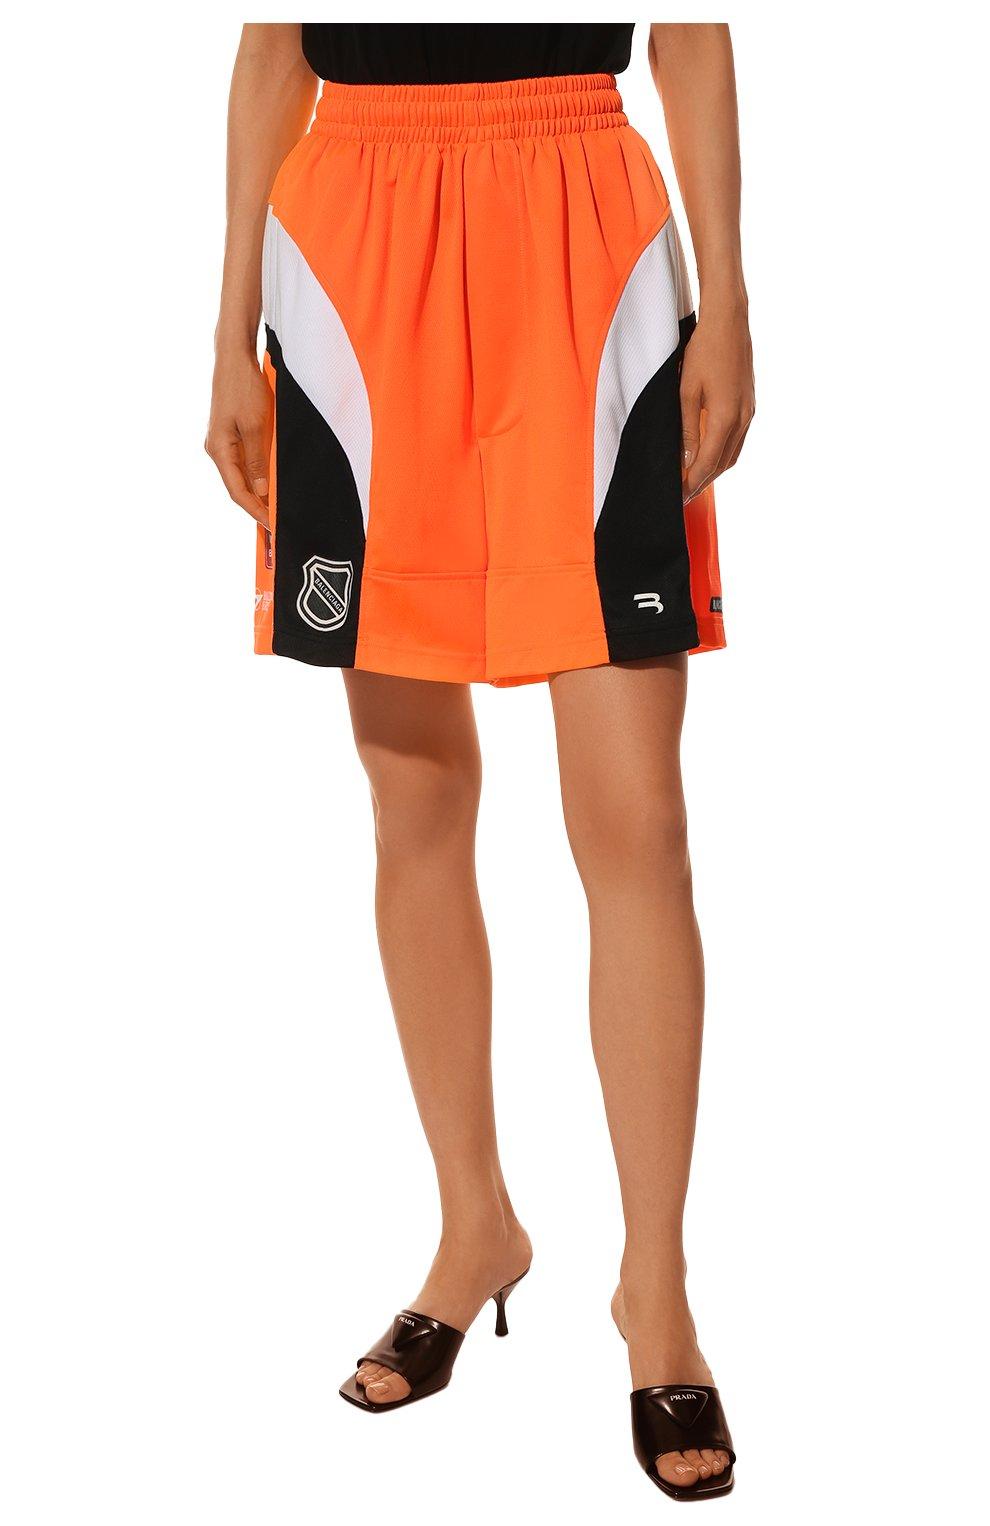 Женские шорты BALENCIAGA оранжевого цвета, арт. 657830/TKV24   Фото 3 (Женское Кросс-КТ: Шорты-одежда; Длина Ж (юбки, платья, шорты): Мини; Материал внешний: Синтетический материал; Стили: Спорт-шик)